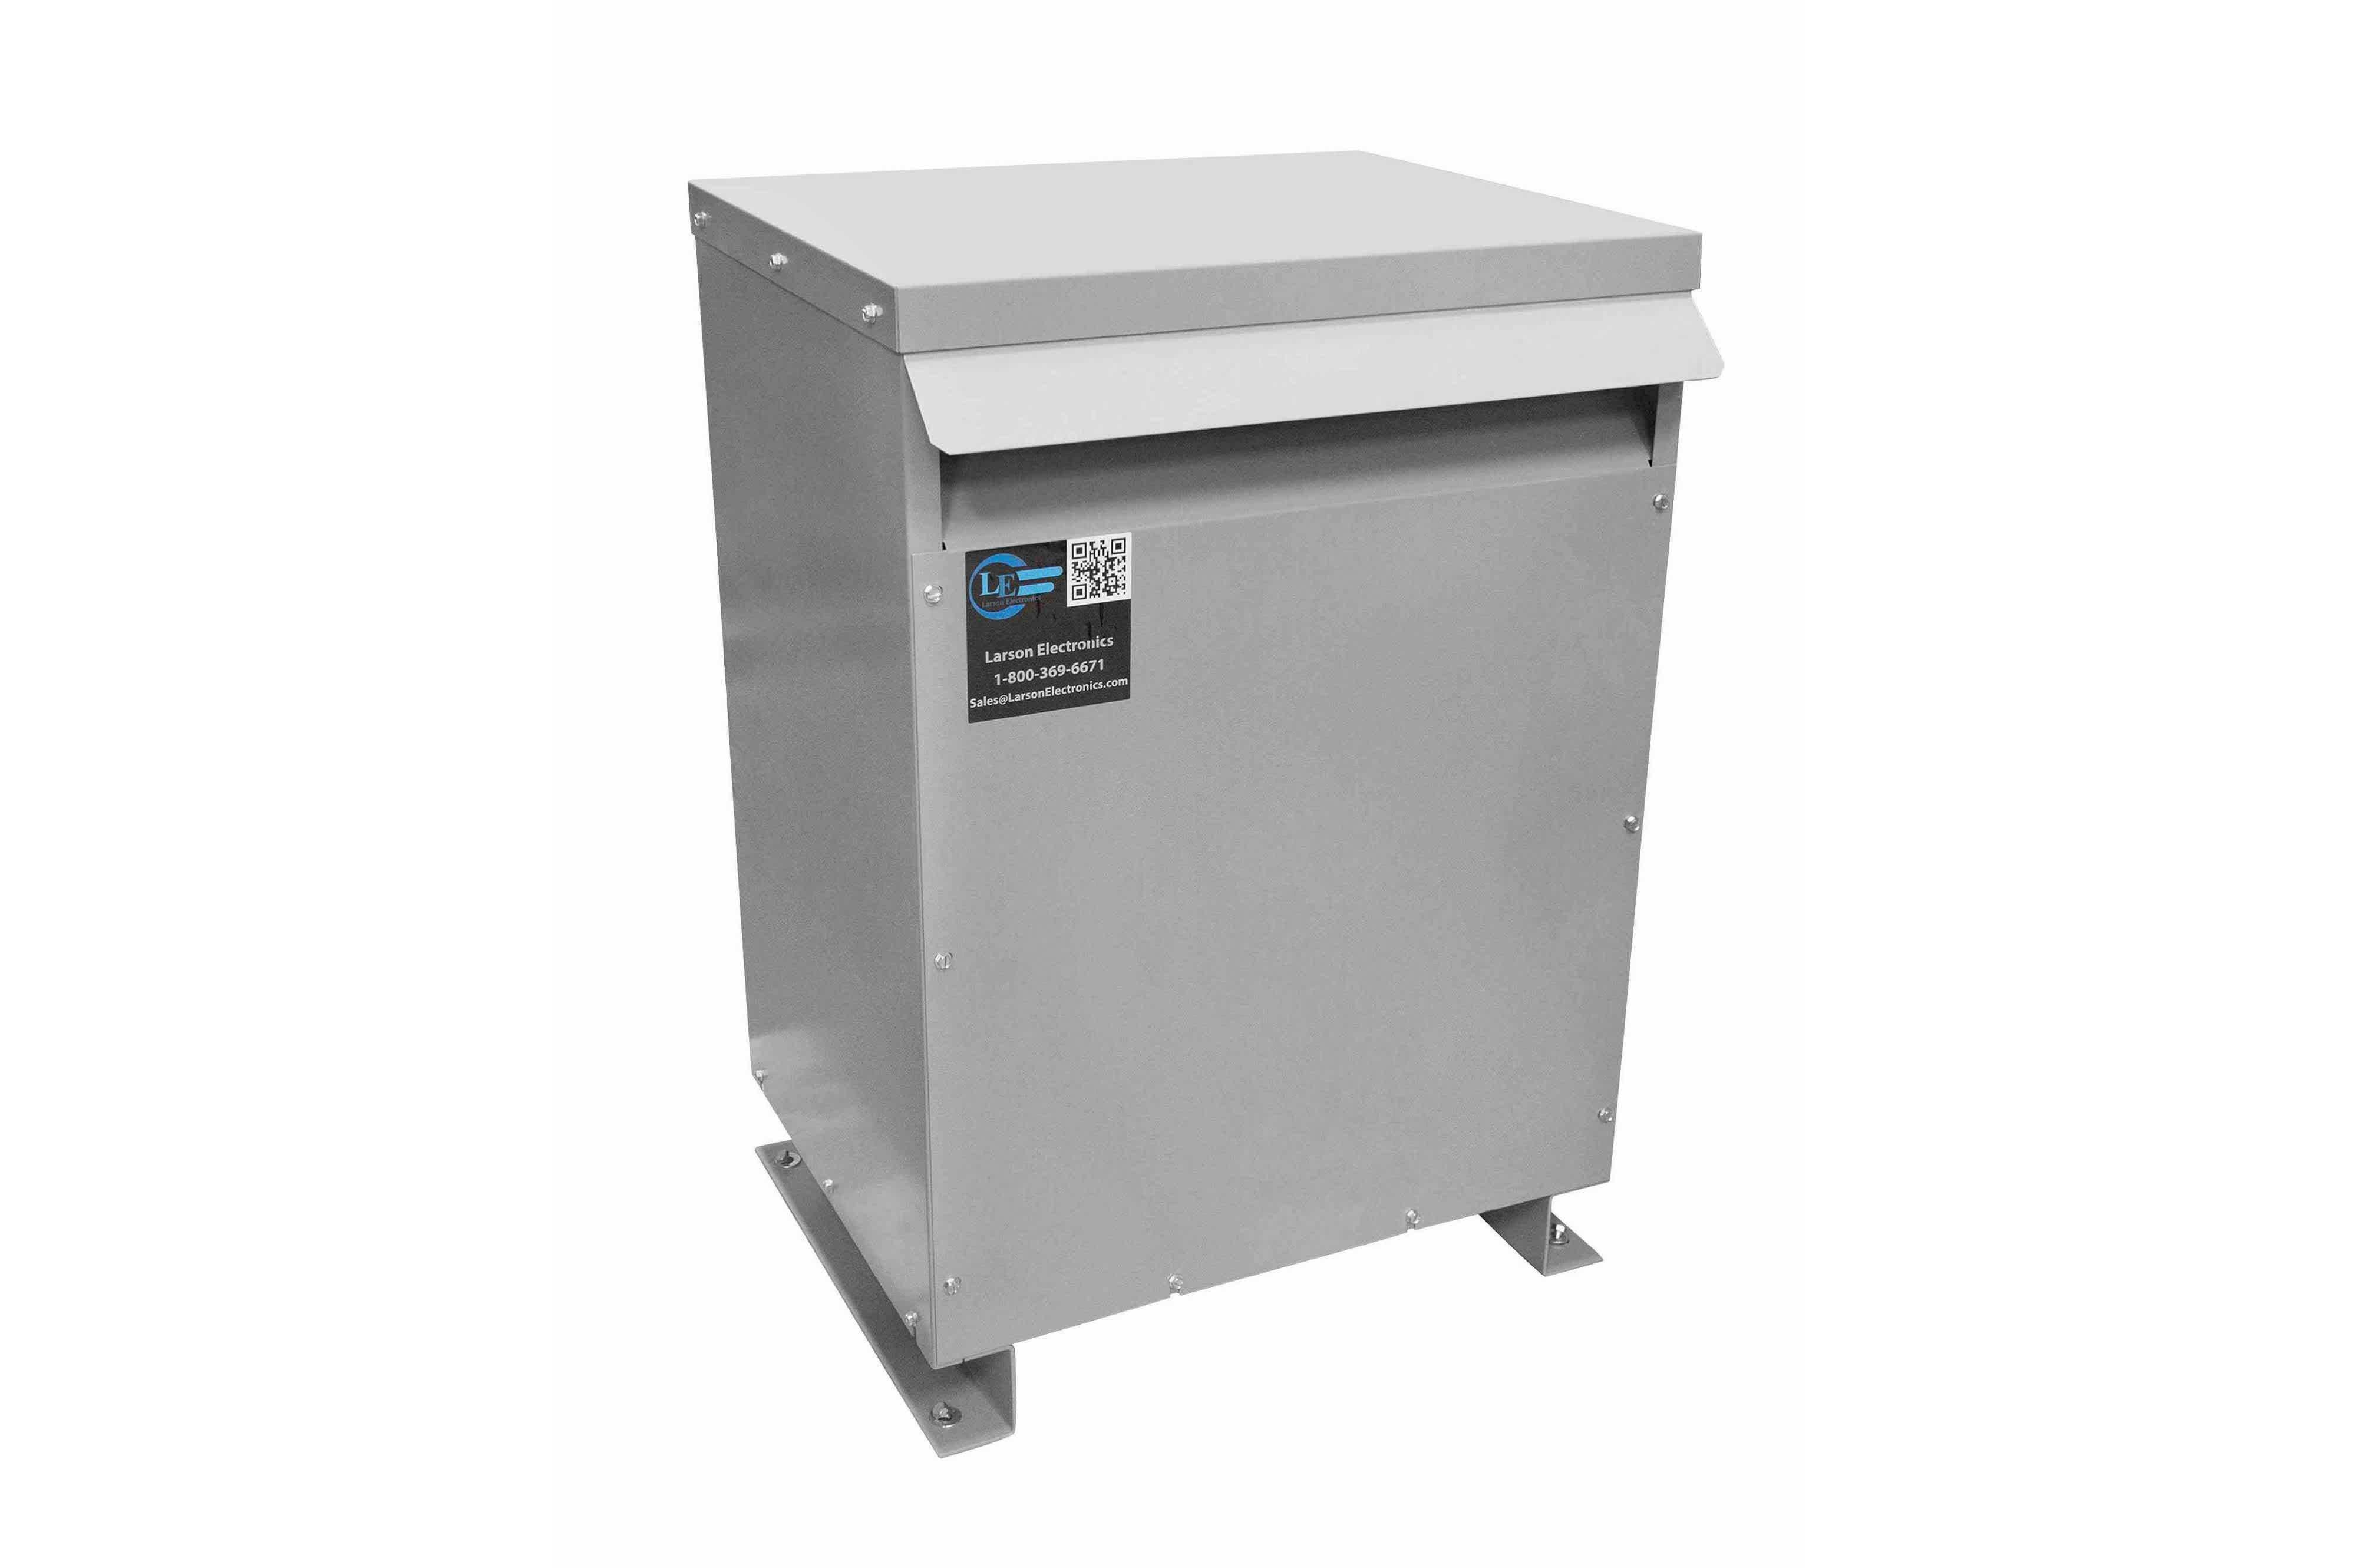 12 kVA 3PH Isolation Transformer, 600V Delta Primary, 460V Delta Secondary, N3R, Ventilated, 60 Hz